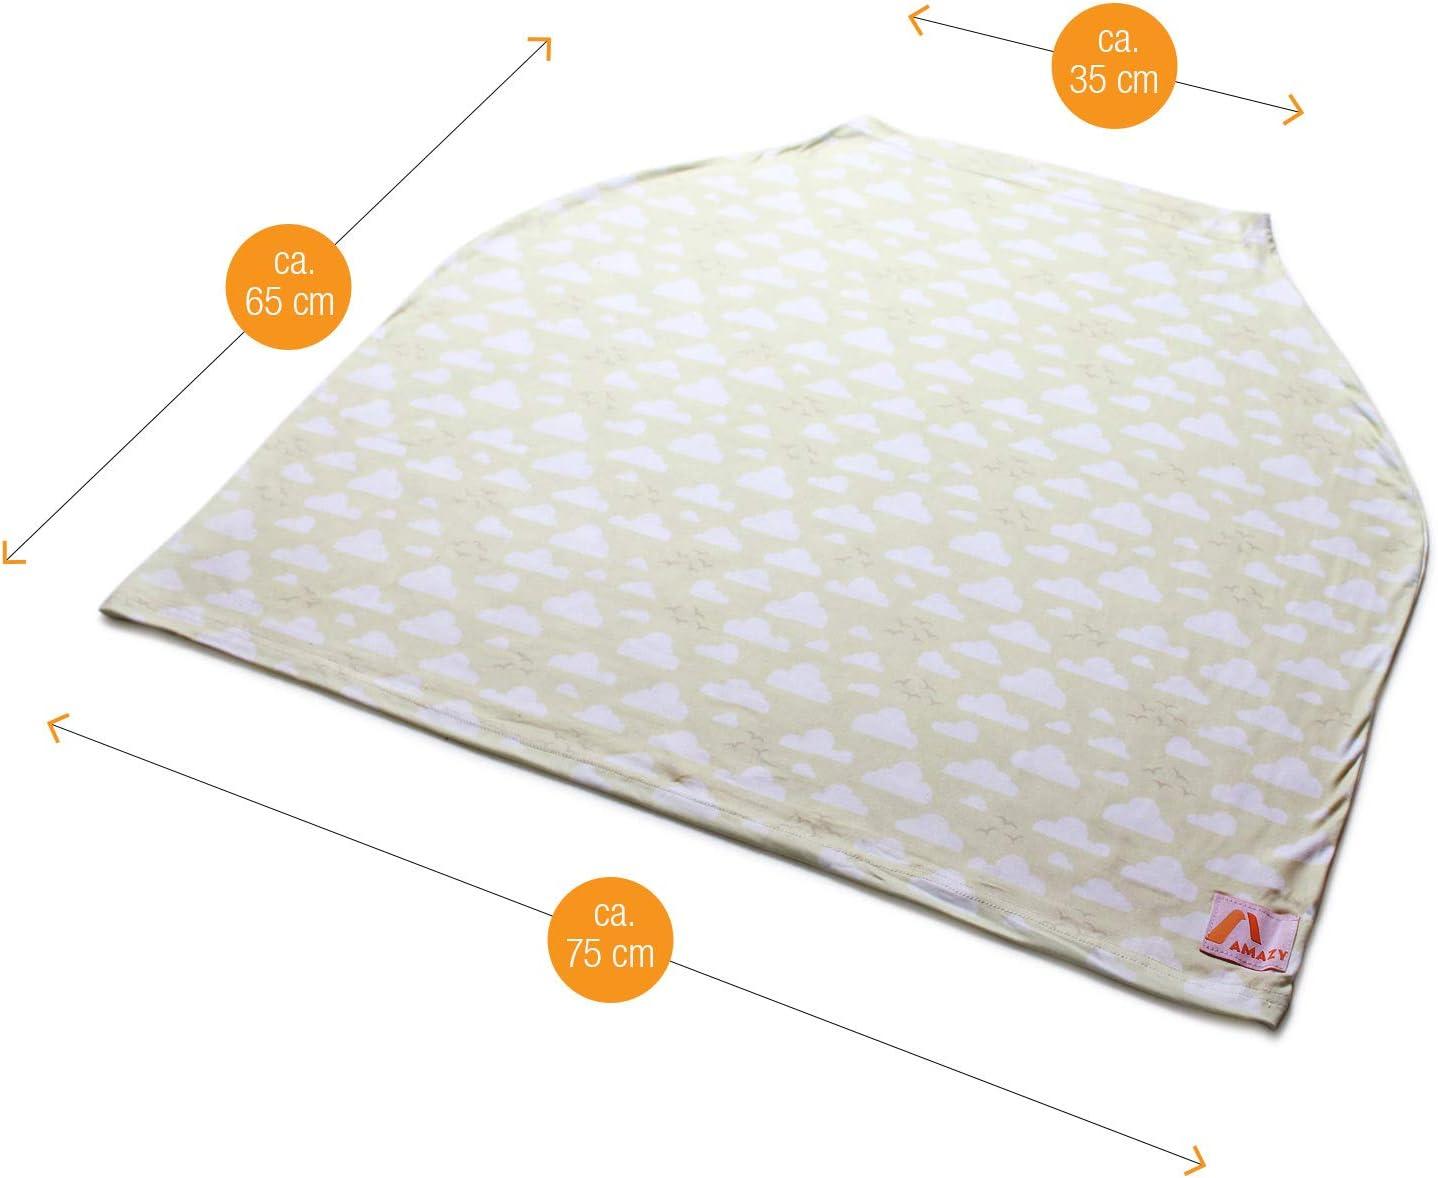 Amazy /Écharpe d/'allaitement multifonction Ch/âle extensible XL pour un allaitment en toute discretion Rose, 70 x 70 cm